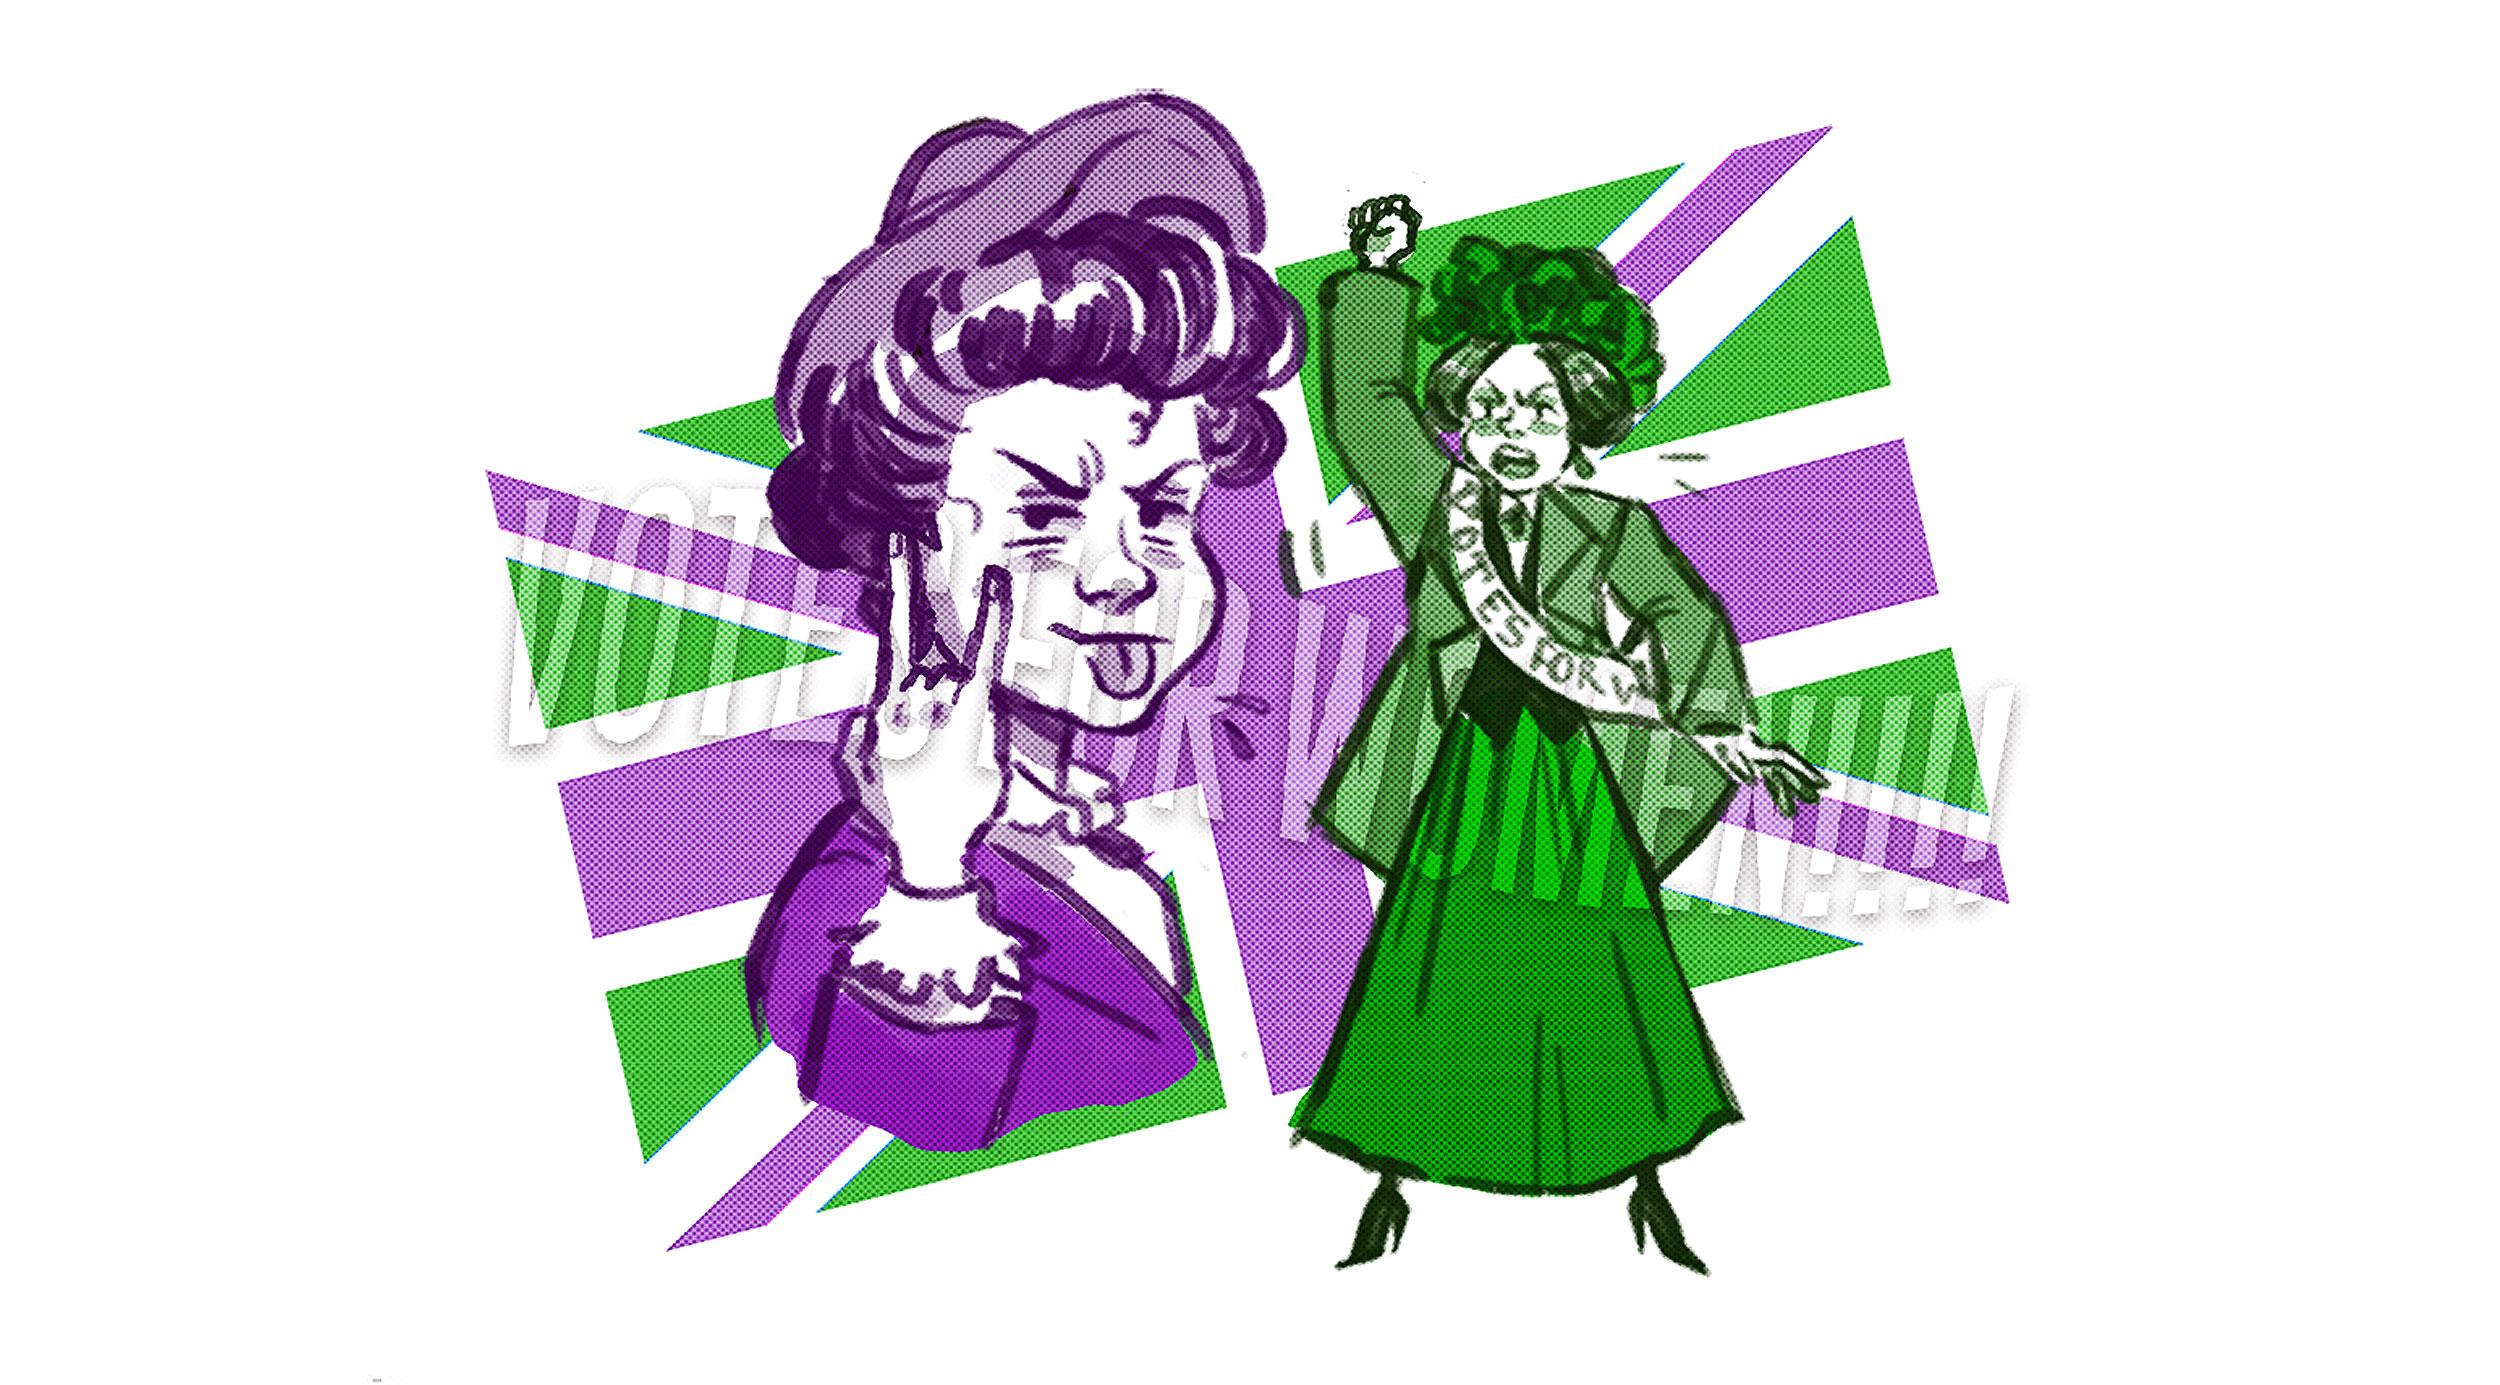 BBC_suffragettes_02.jpg